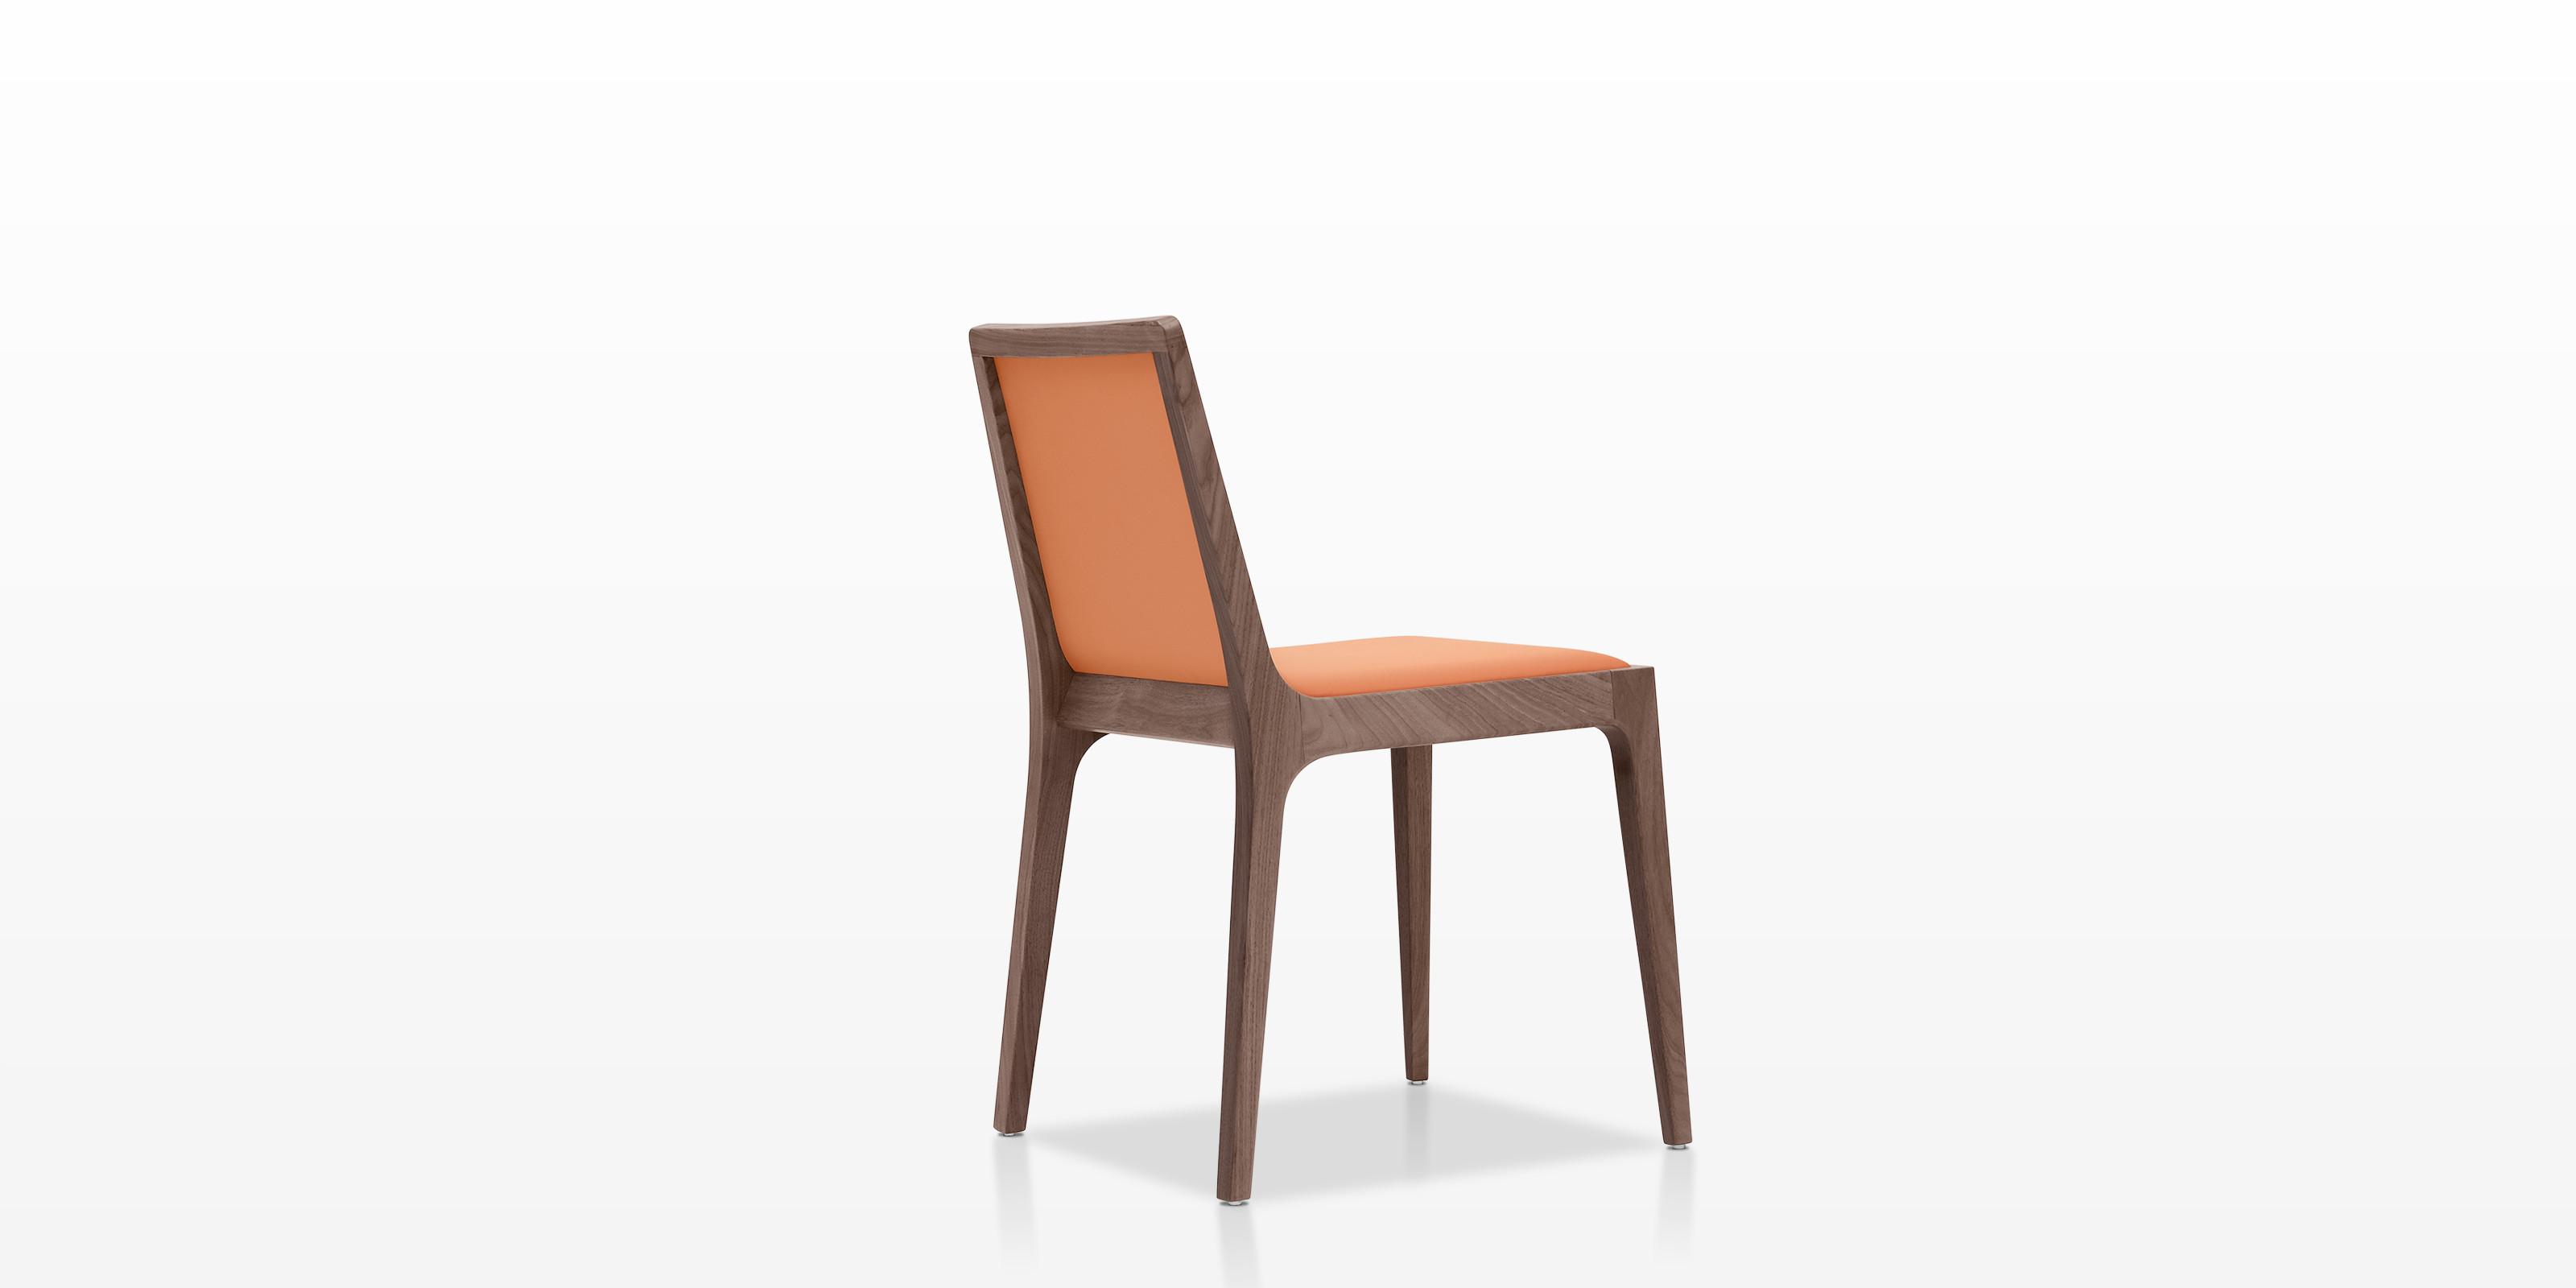 迪信 餐椅